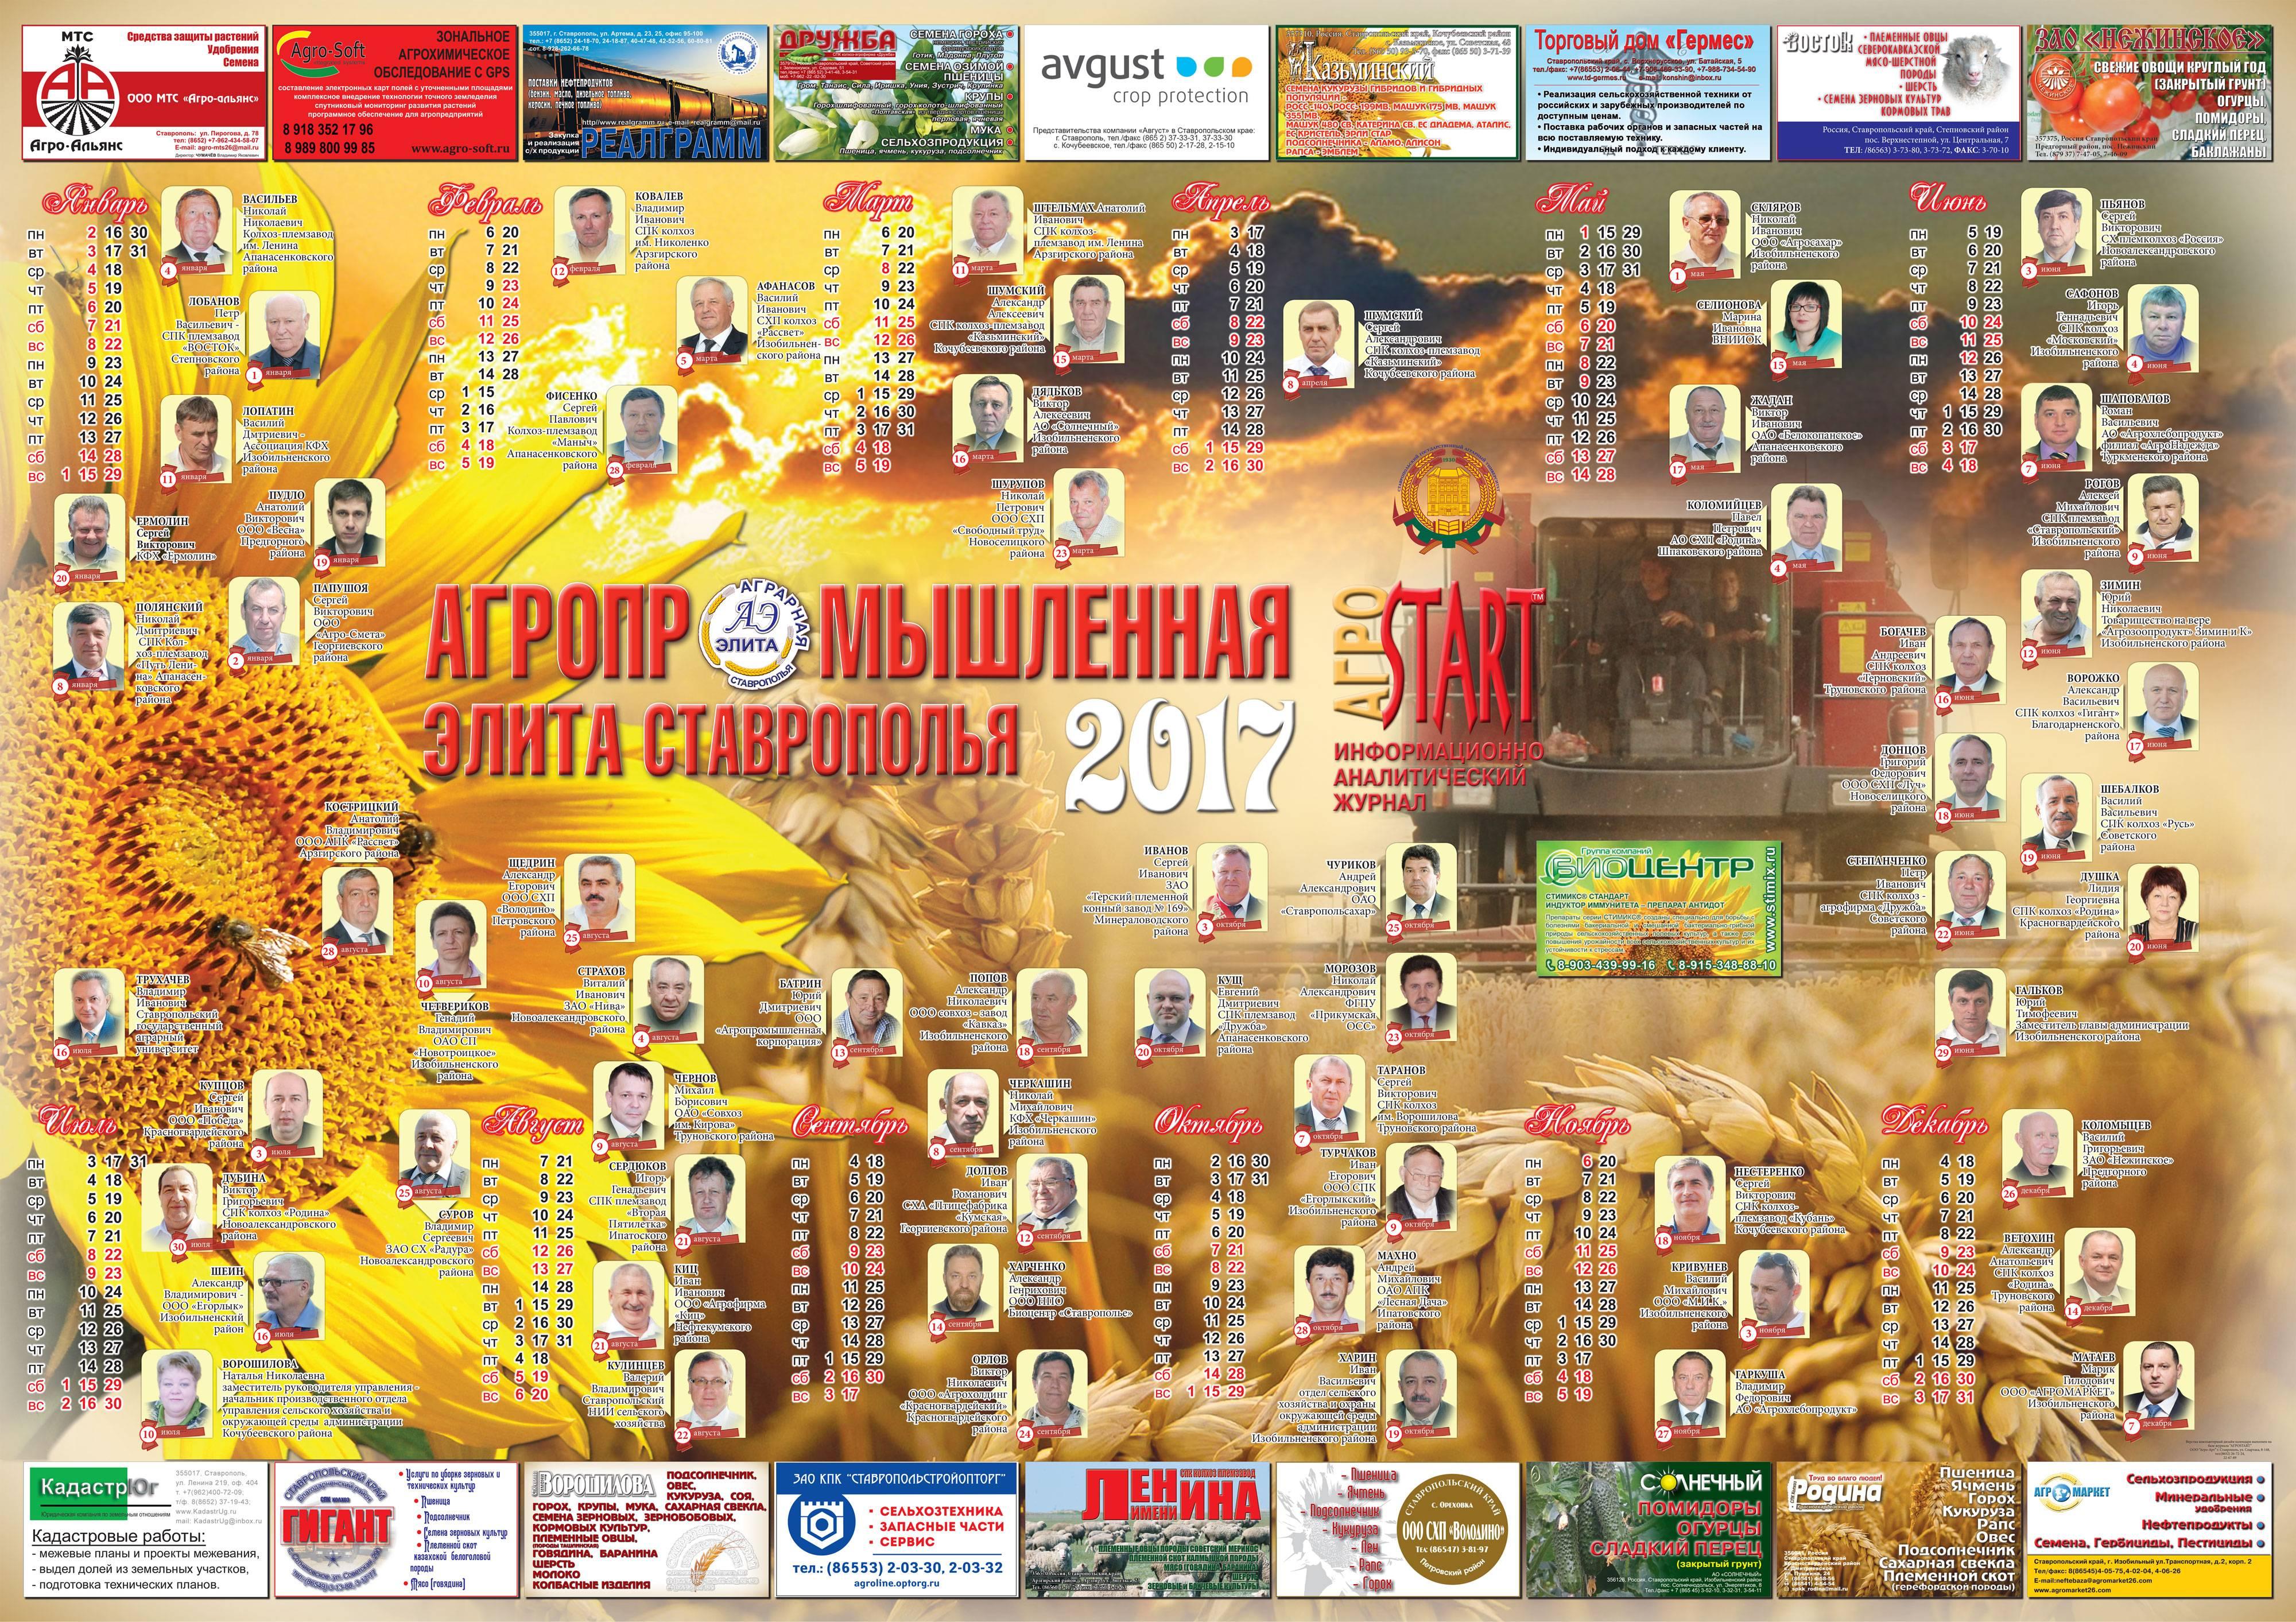 Календарь Агропромышленная Элита Ставрополья 2017